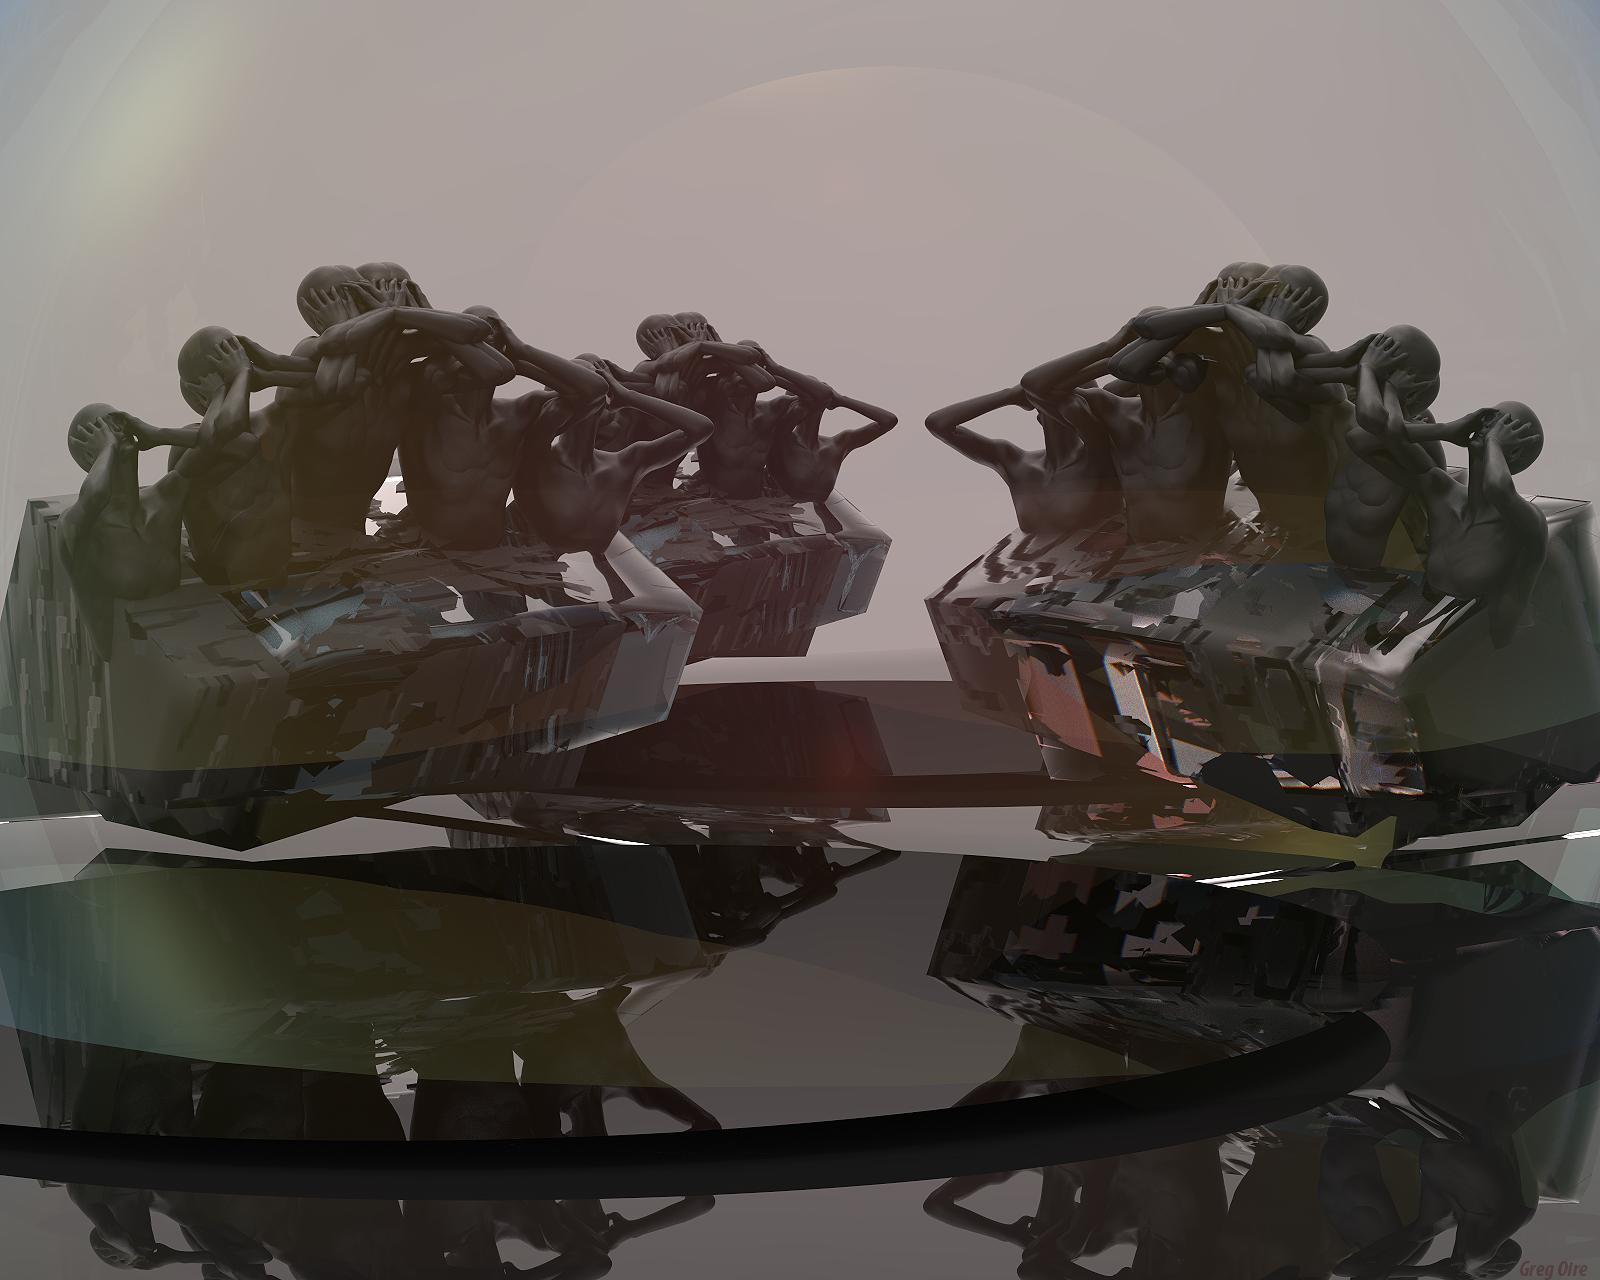 Digital 3d sculpted Art by Greg Oire